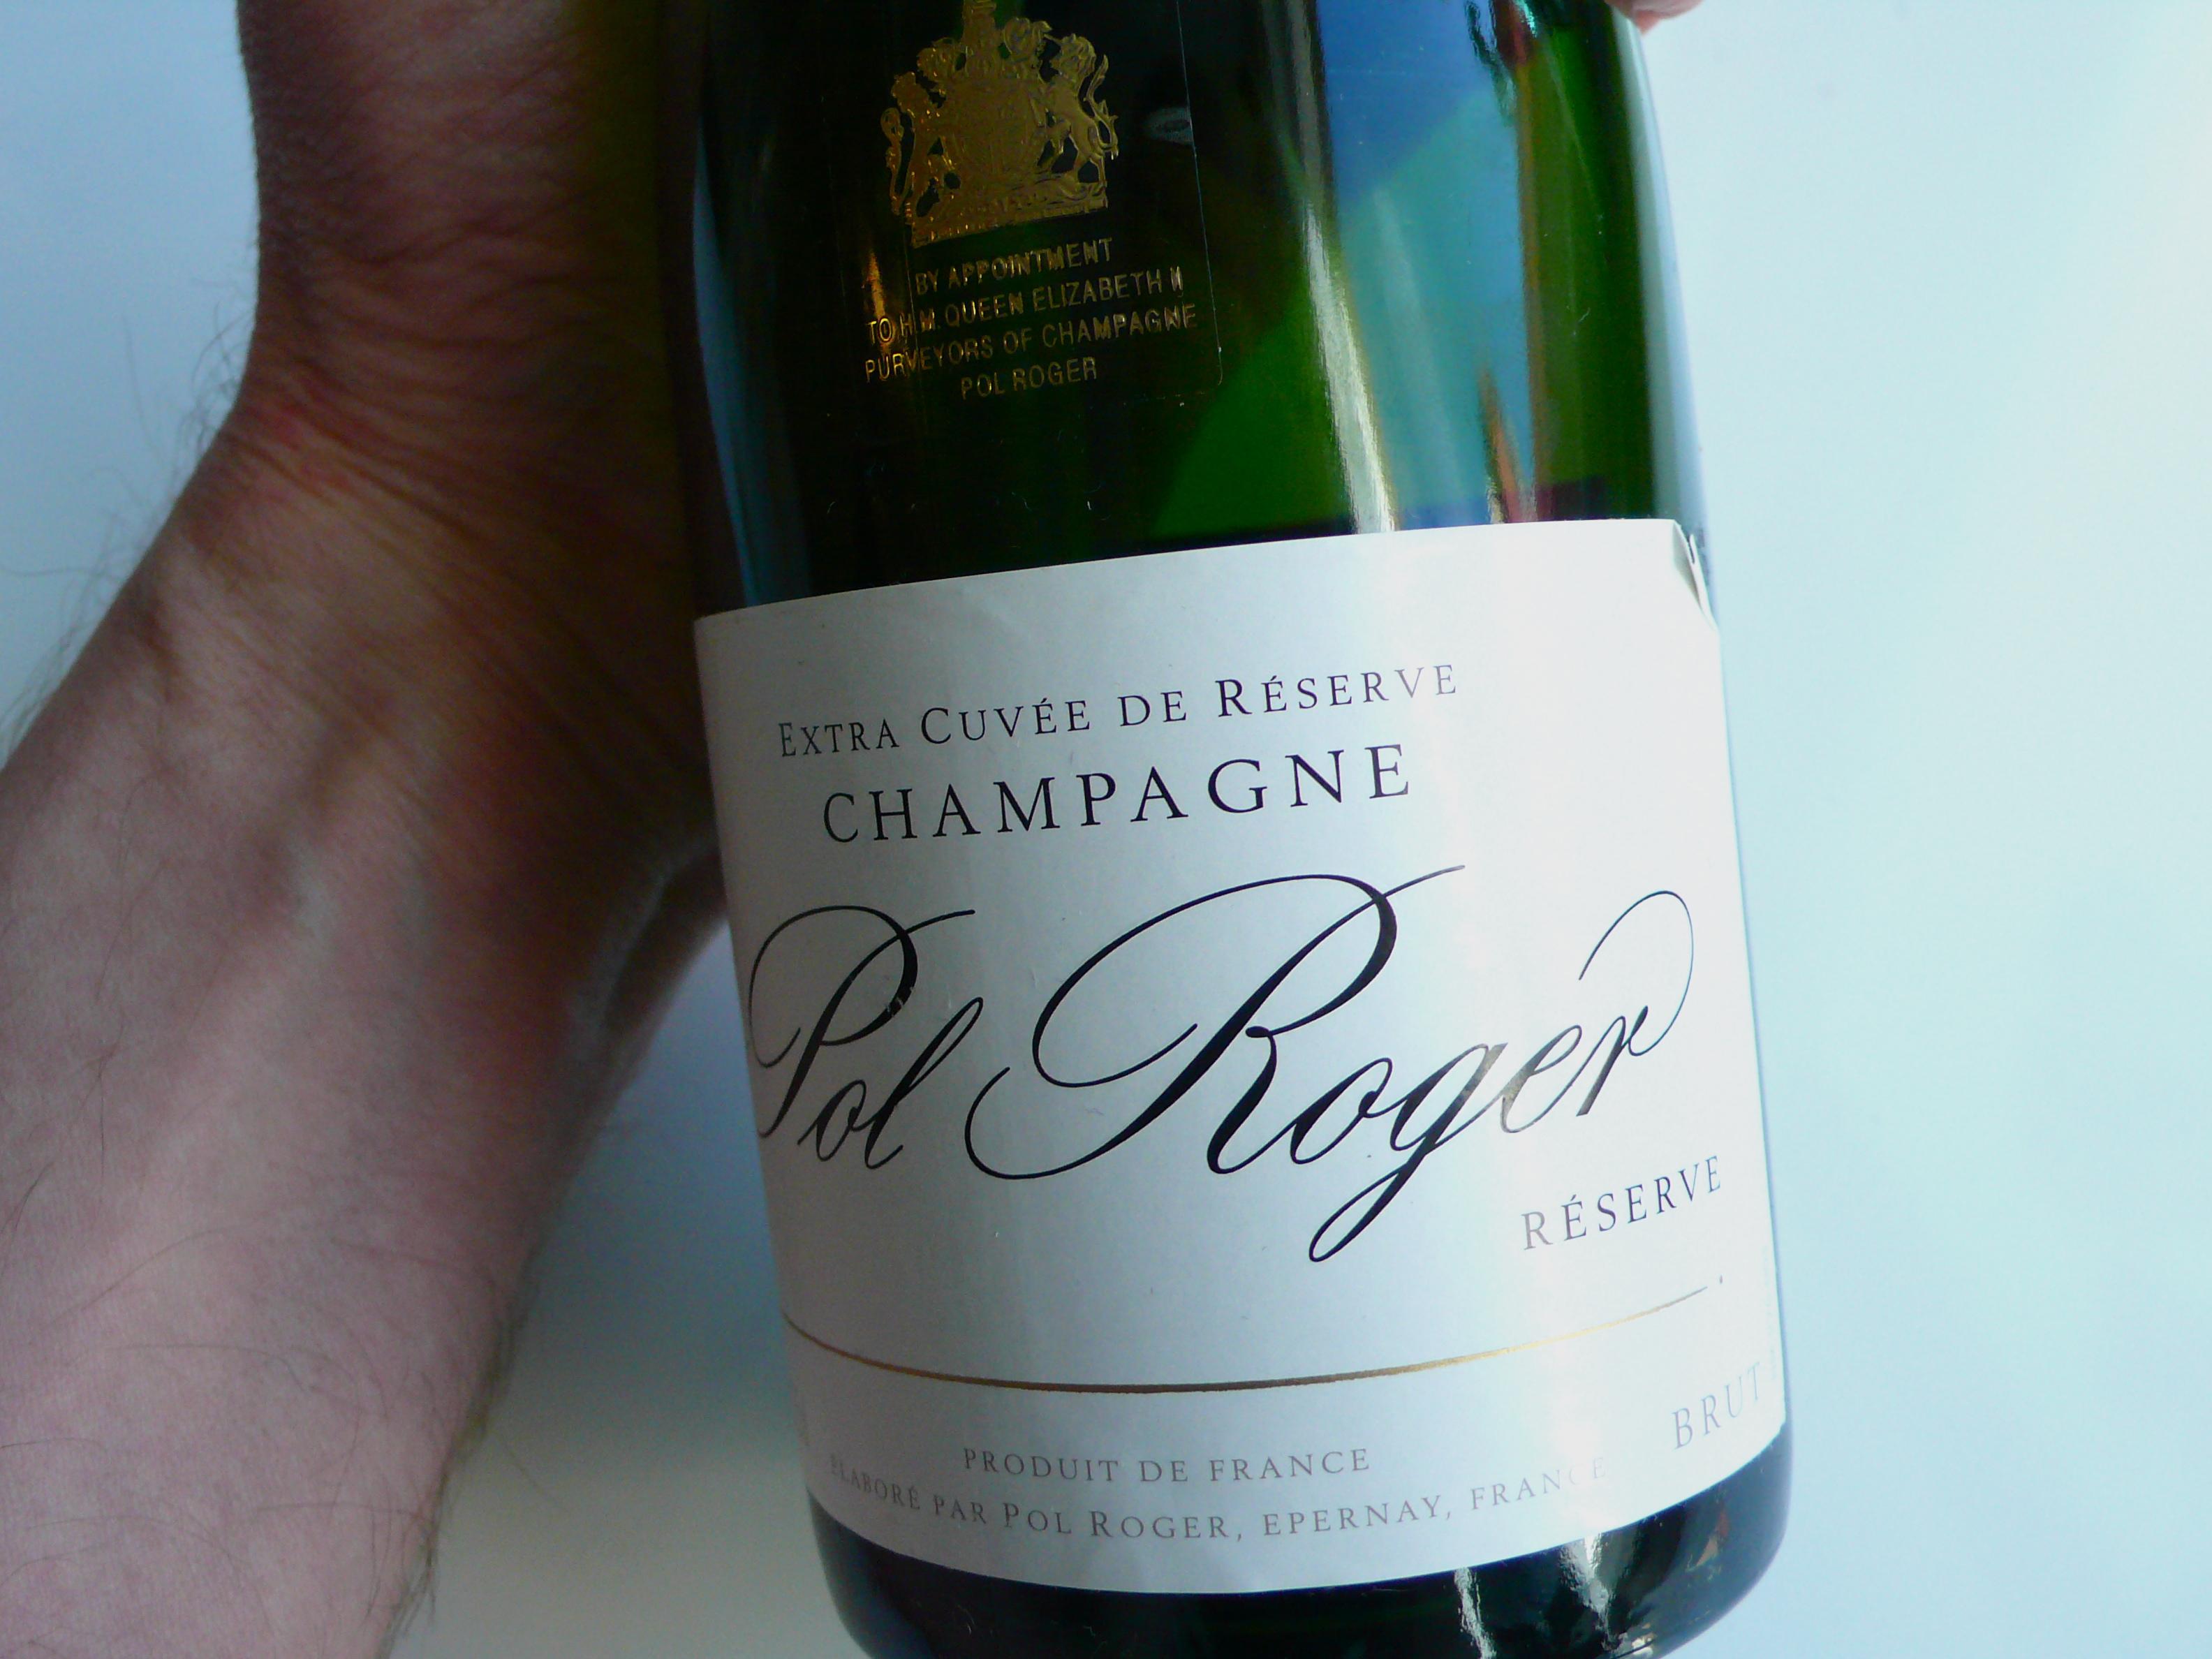 भारत में 10 सर्वश्रेष्ठ शैम्पेन ब्रांड्स (10 Best Champagne Brands in India)